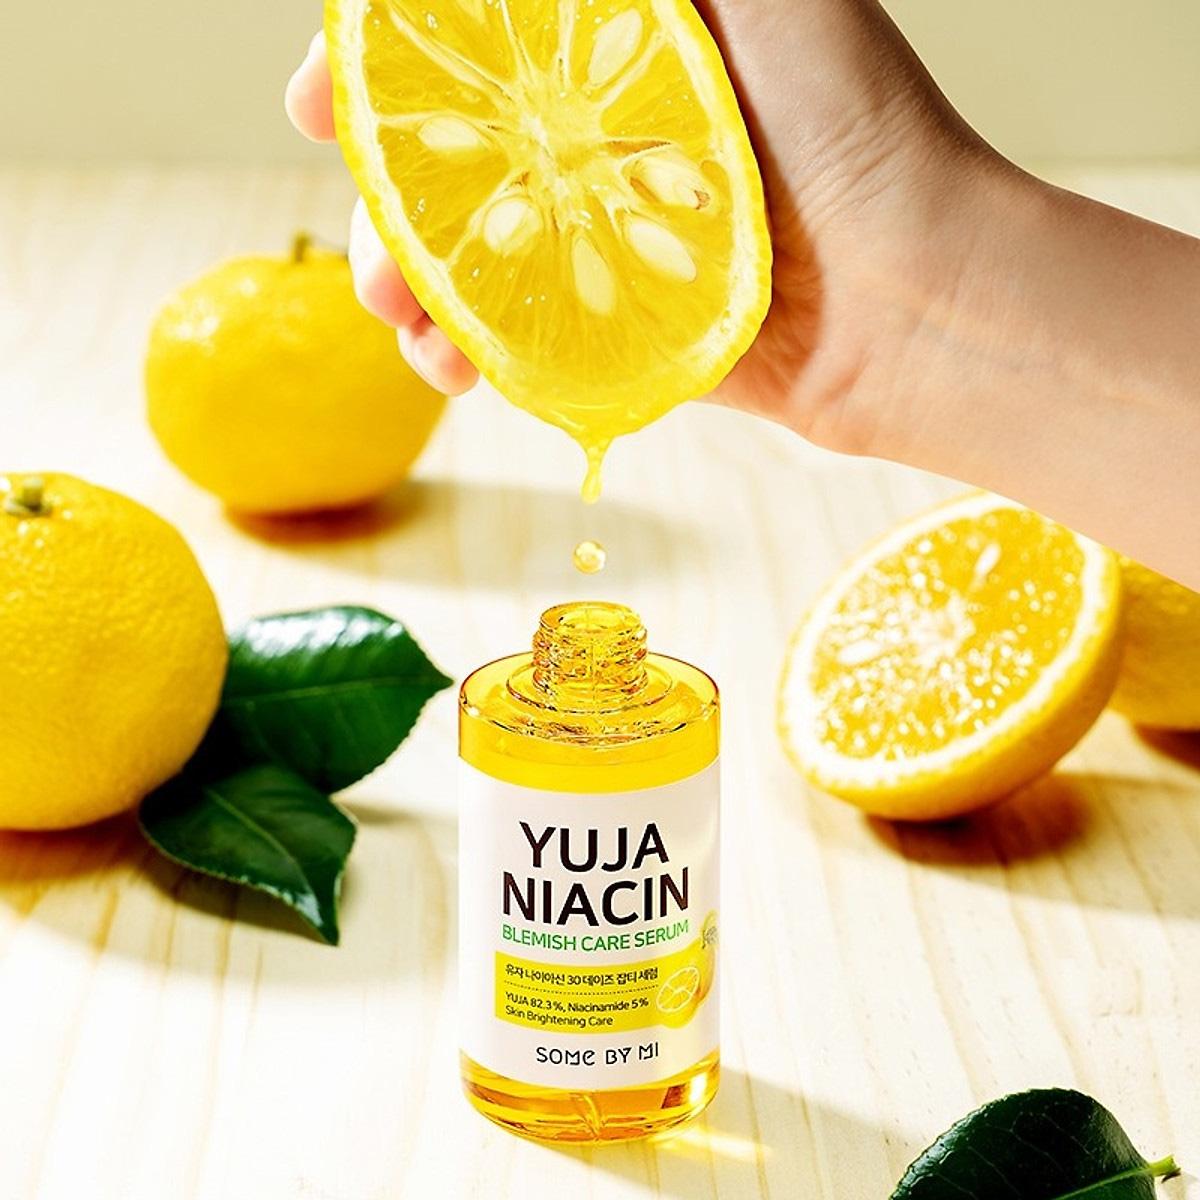 5 serum vitamin C không cần bảo quản trong tủ lạnh mà vẫn hoạt động tốt, làm mờ thâm sáng da hiệu quả - Ảnh 8.